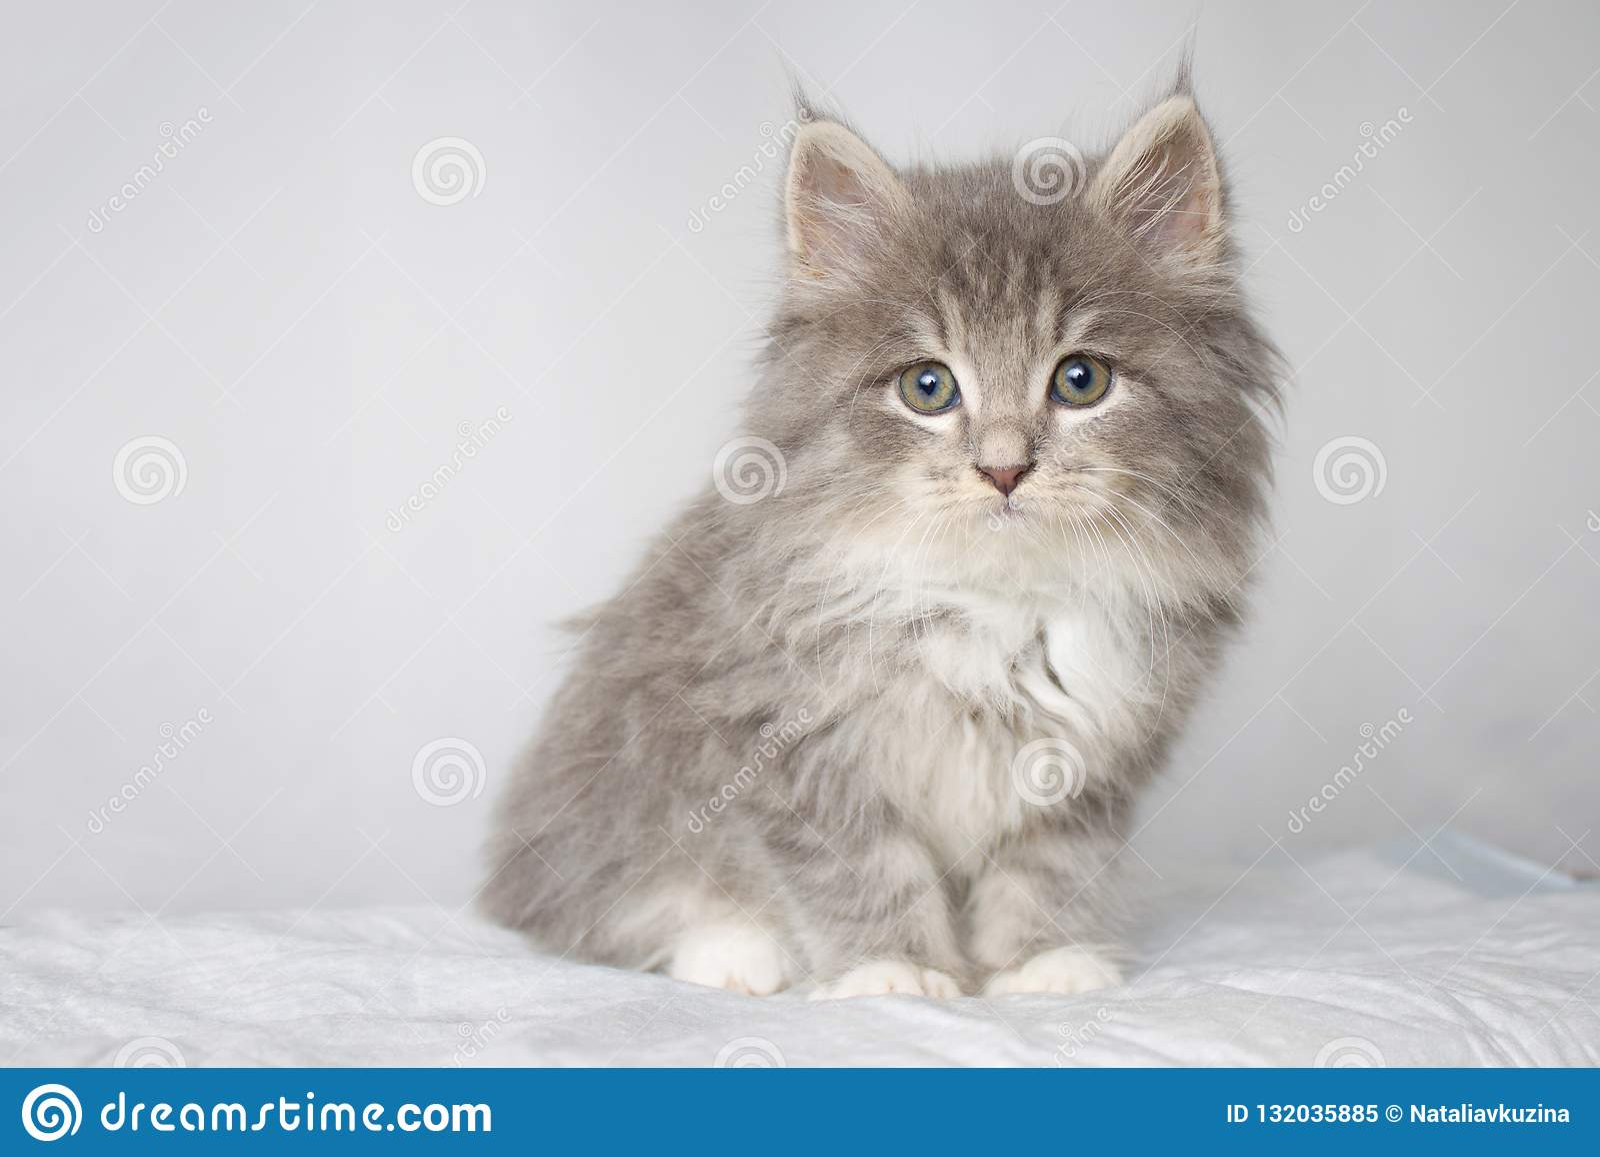 Dient de pluizige Maine wasbeer van Grey Persian Little kitte bij dierenartskliniek en blauwe handschoenen in De kat kijkt aan de